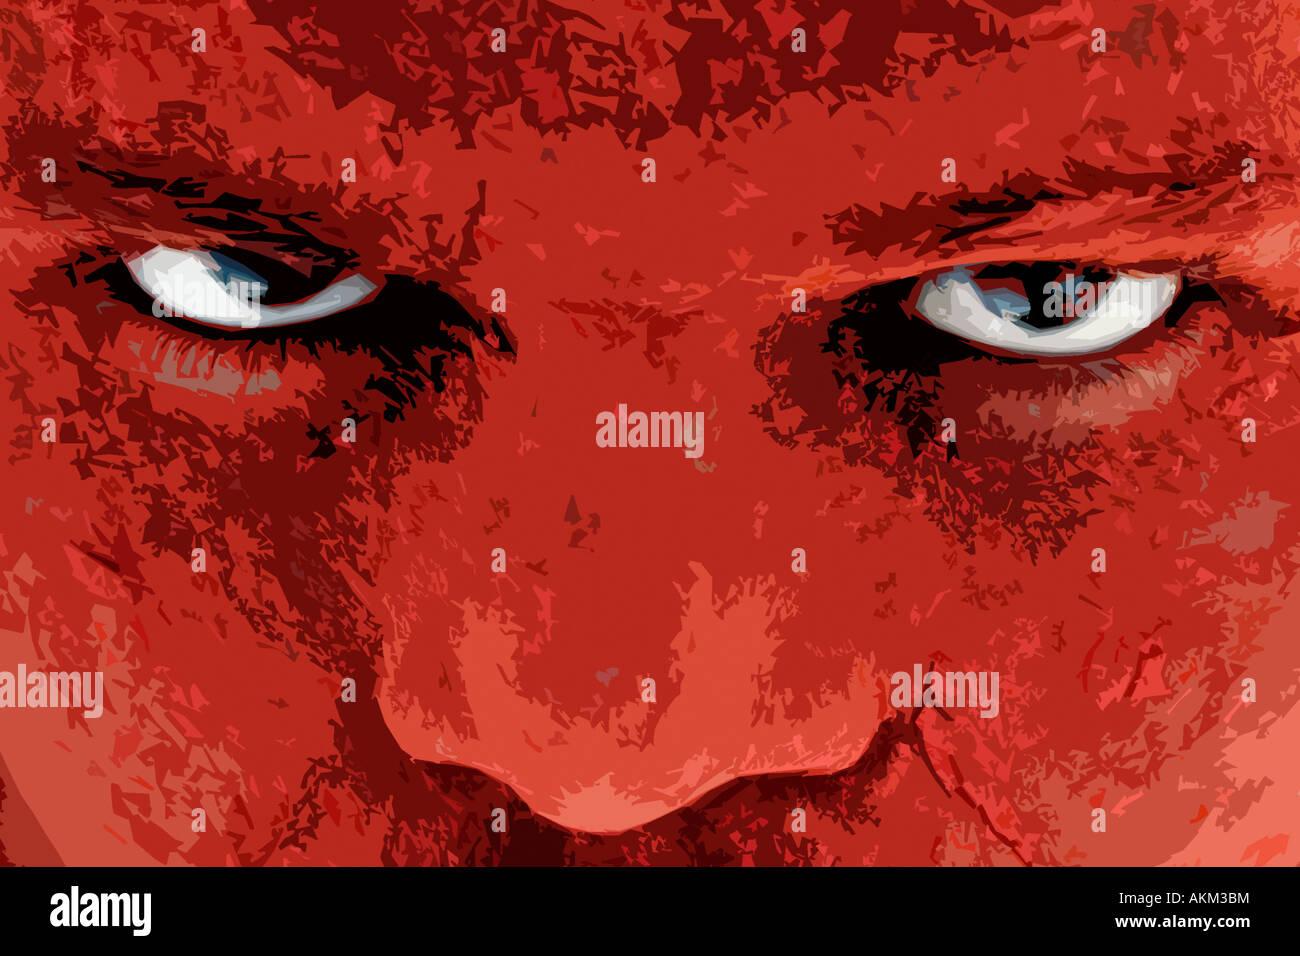 Rojo furioso mirando rostro indio Imagen De Stock